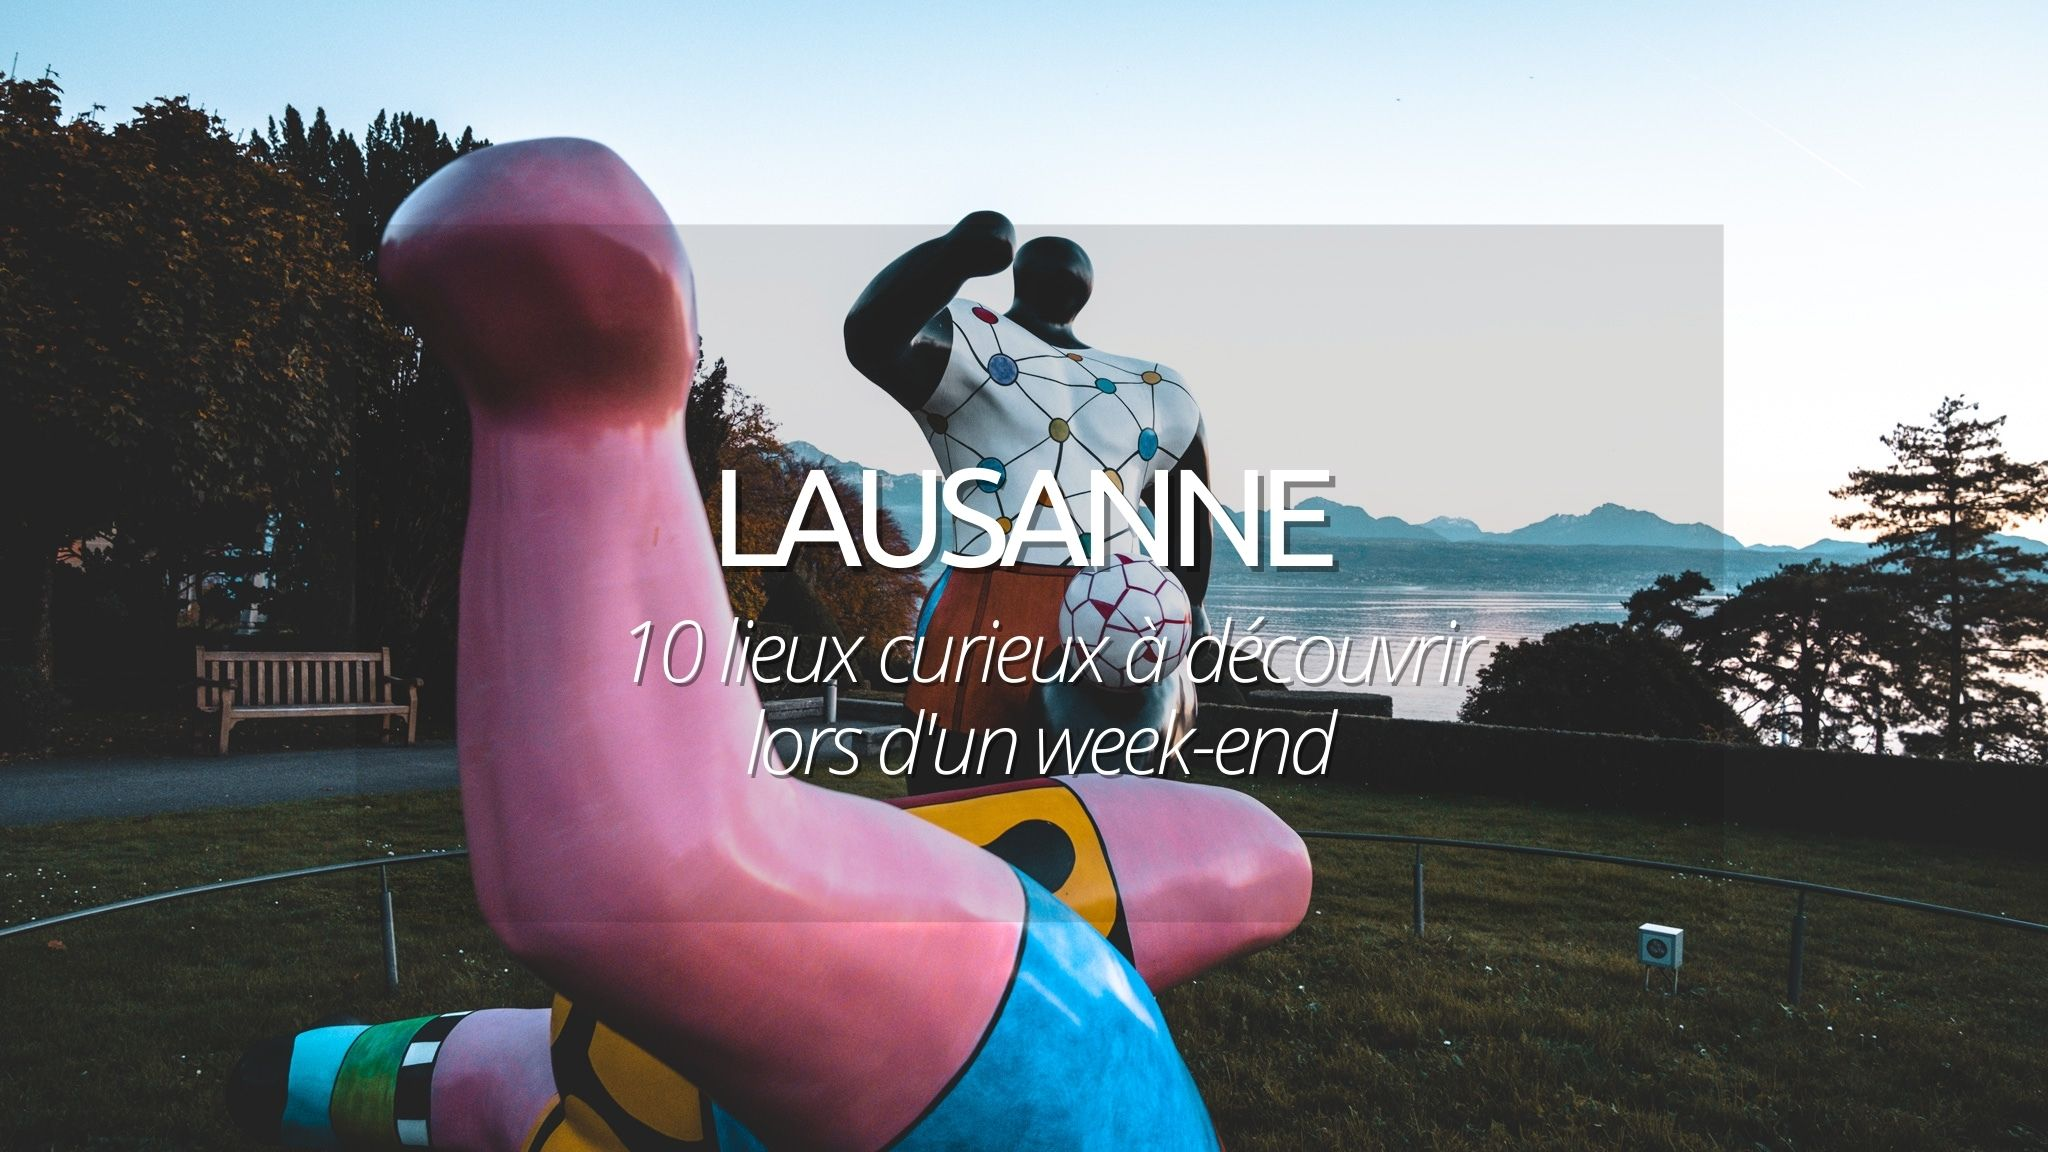 Visiter Lausanne : les 10 lieux curieux à découvrir lors de votre week-end